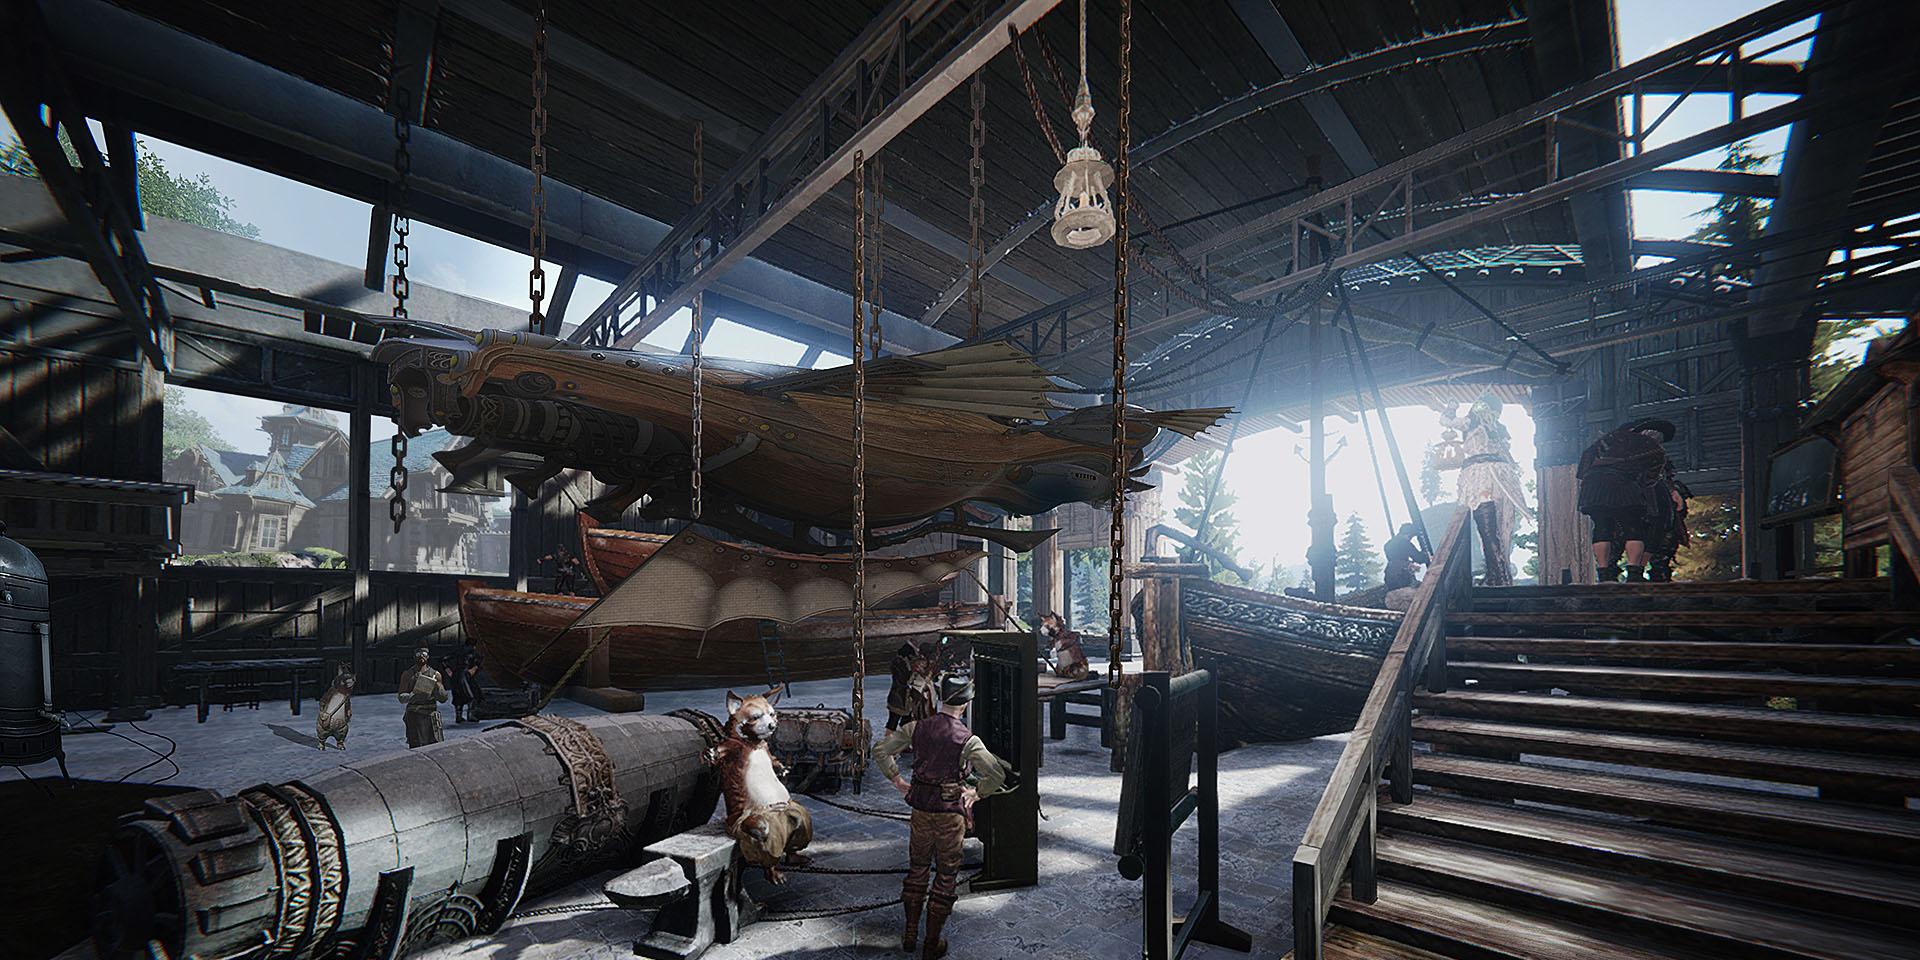 Ascent: Infinite Realm: Bluehole анонсировала новую MMO A:IR с воздушными кораблями и механоидами